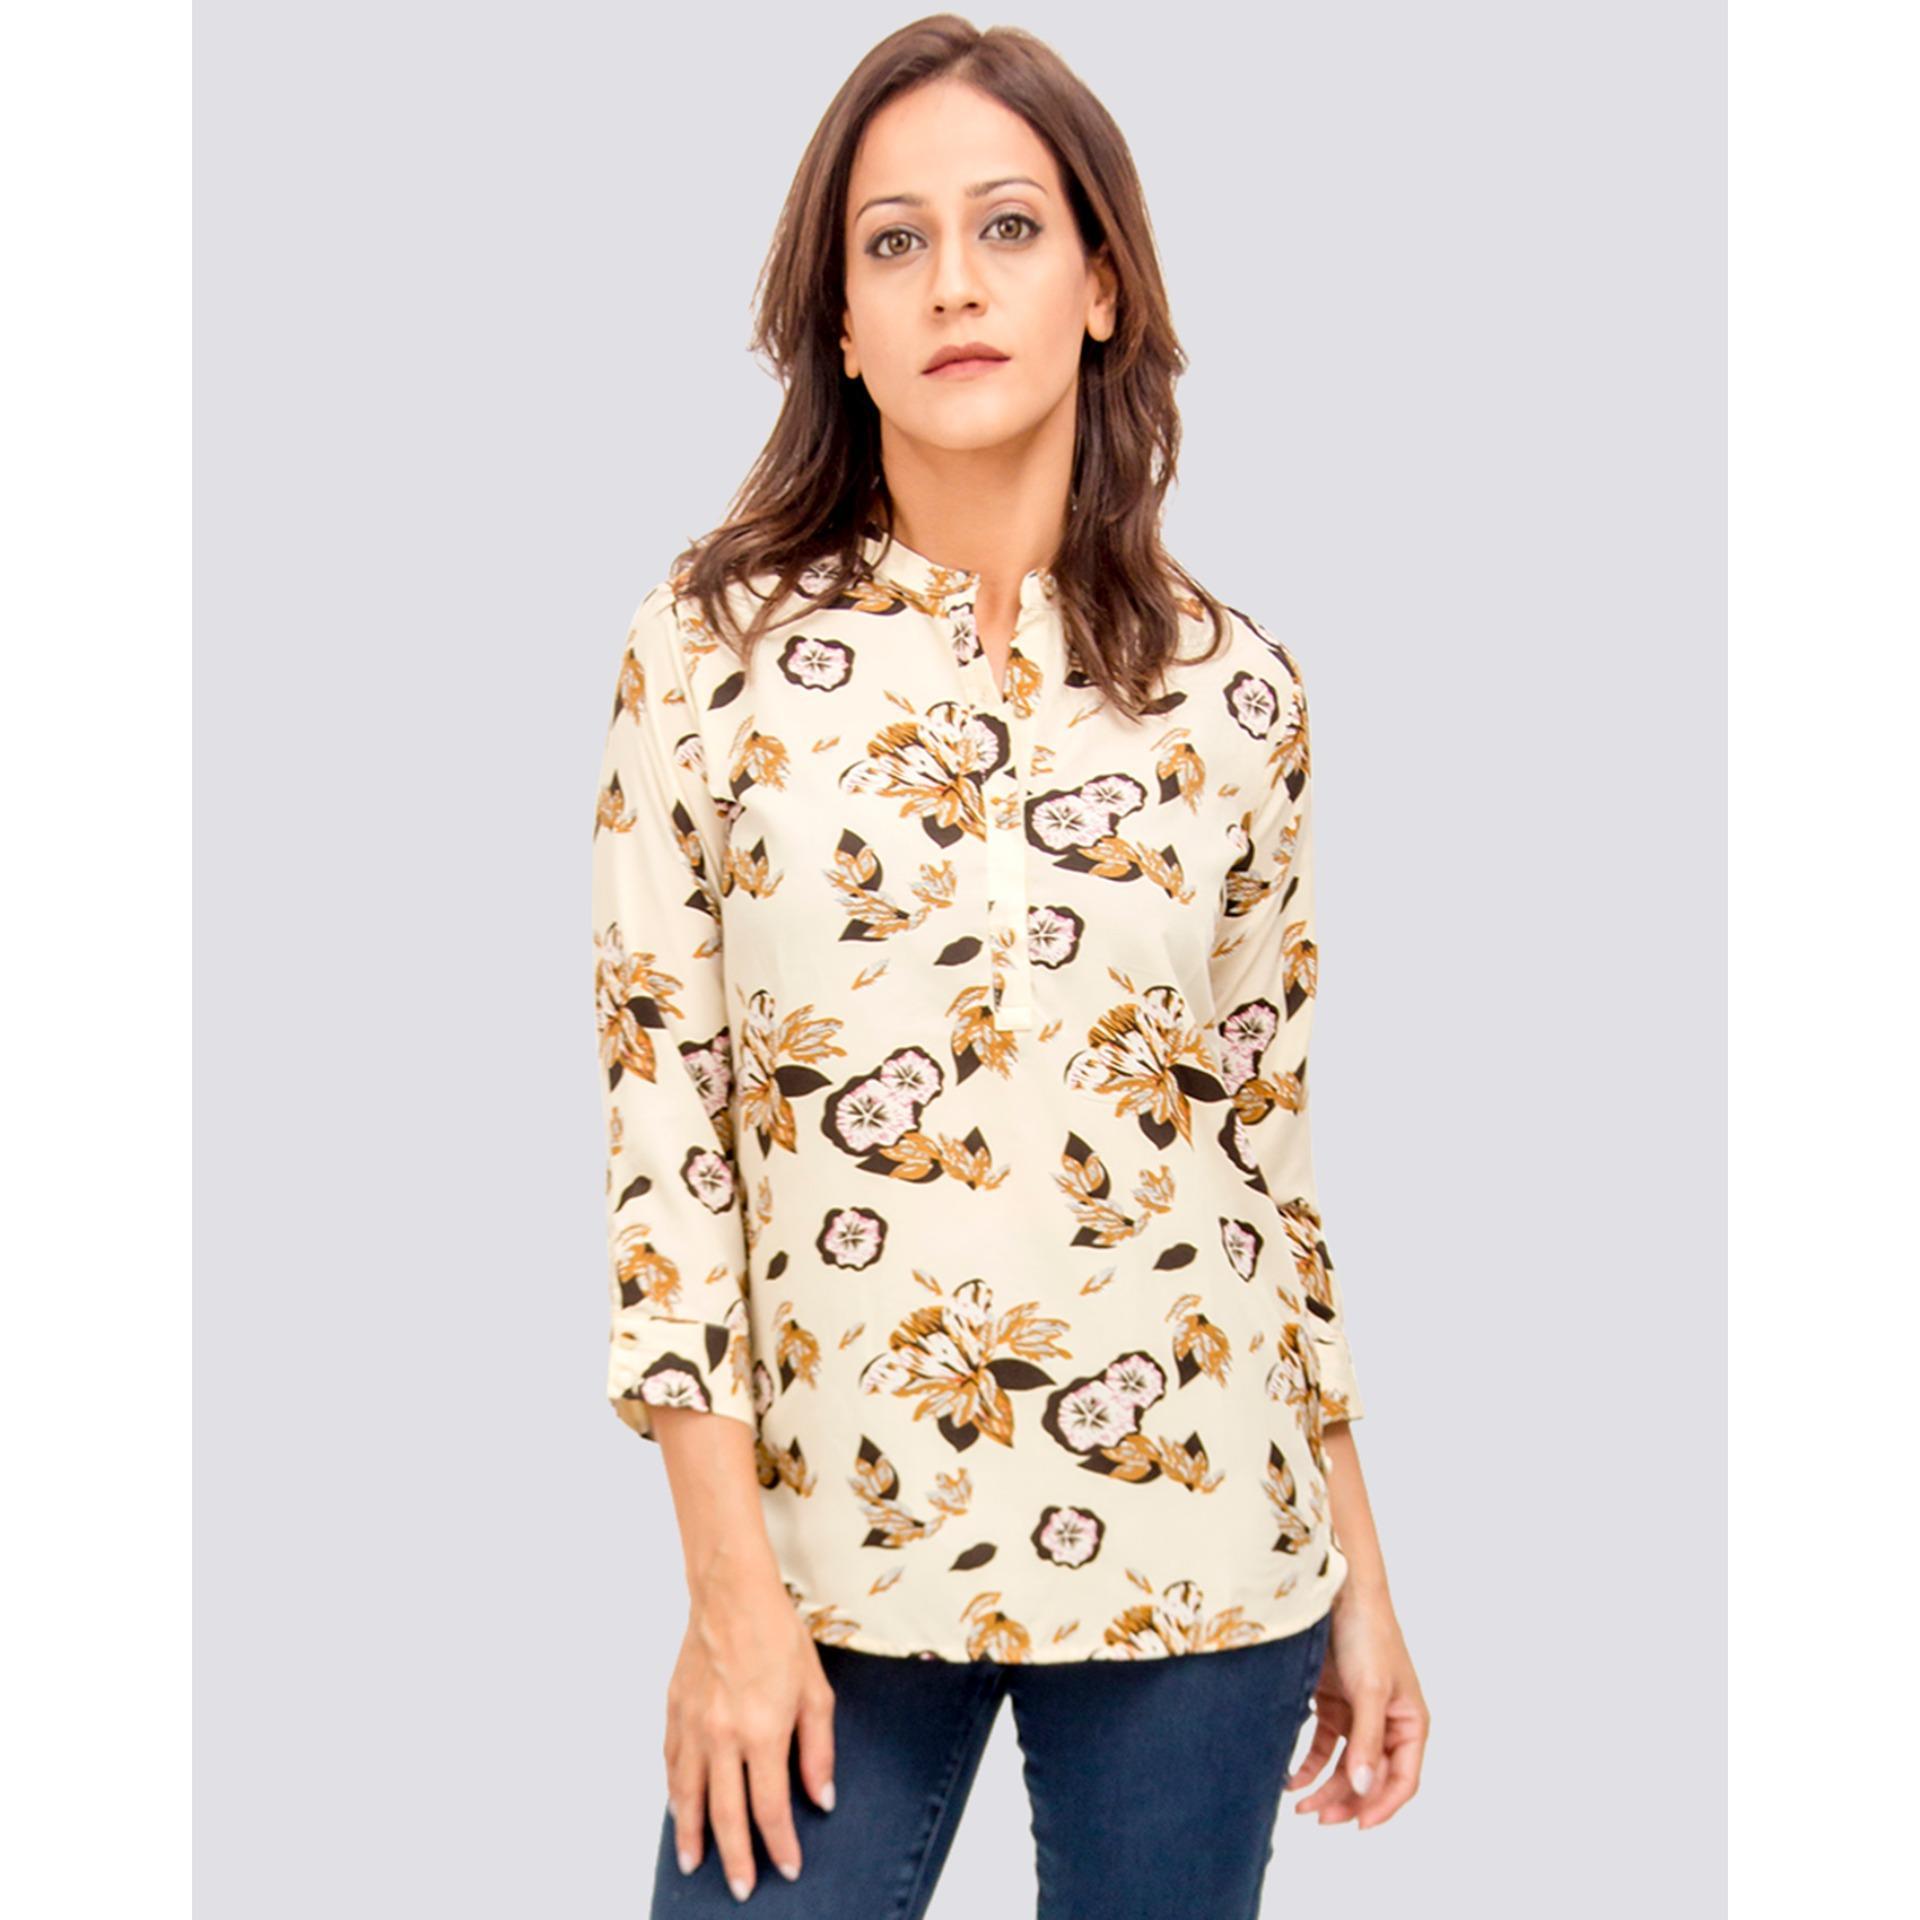 Women's White Color Floral Front Button Open Blouse